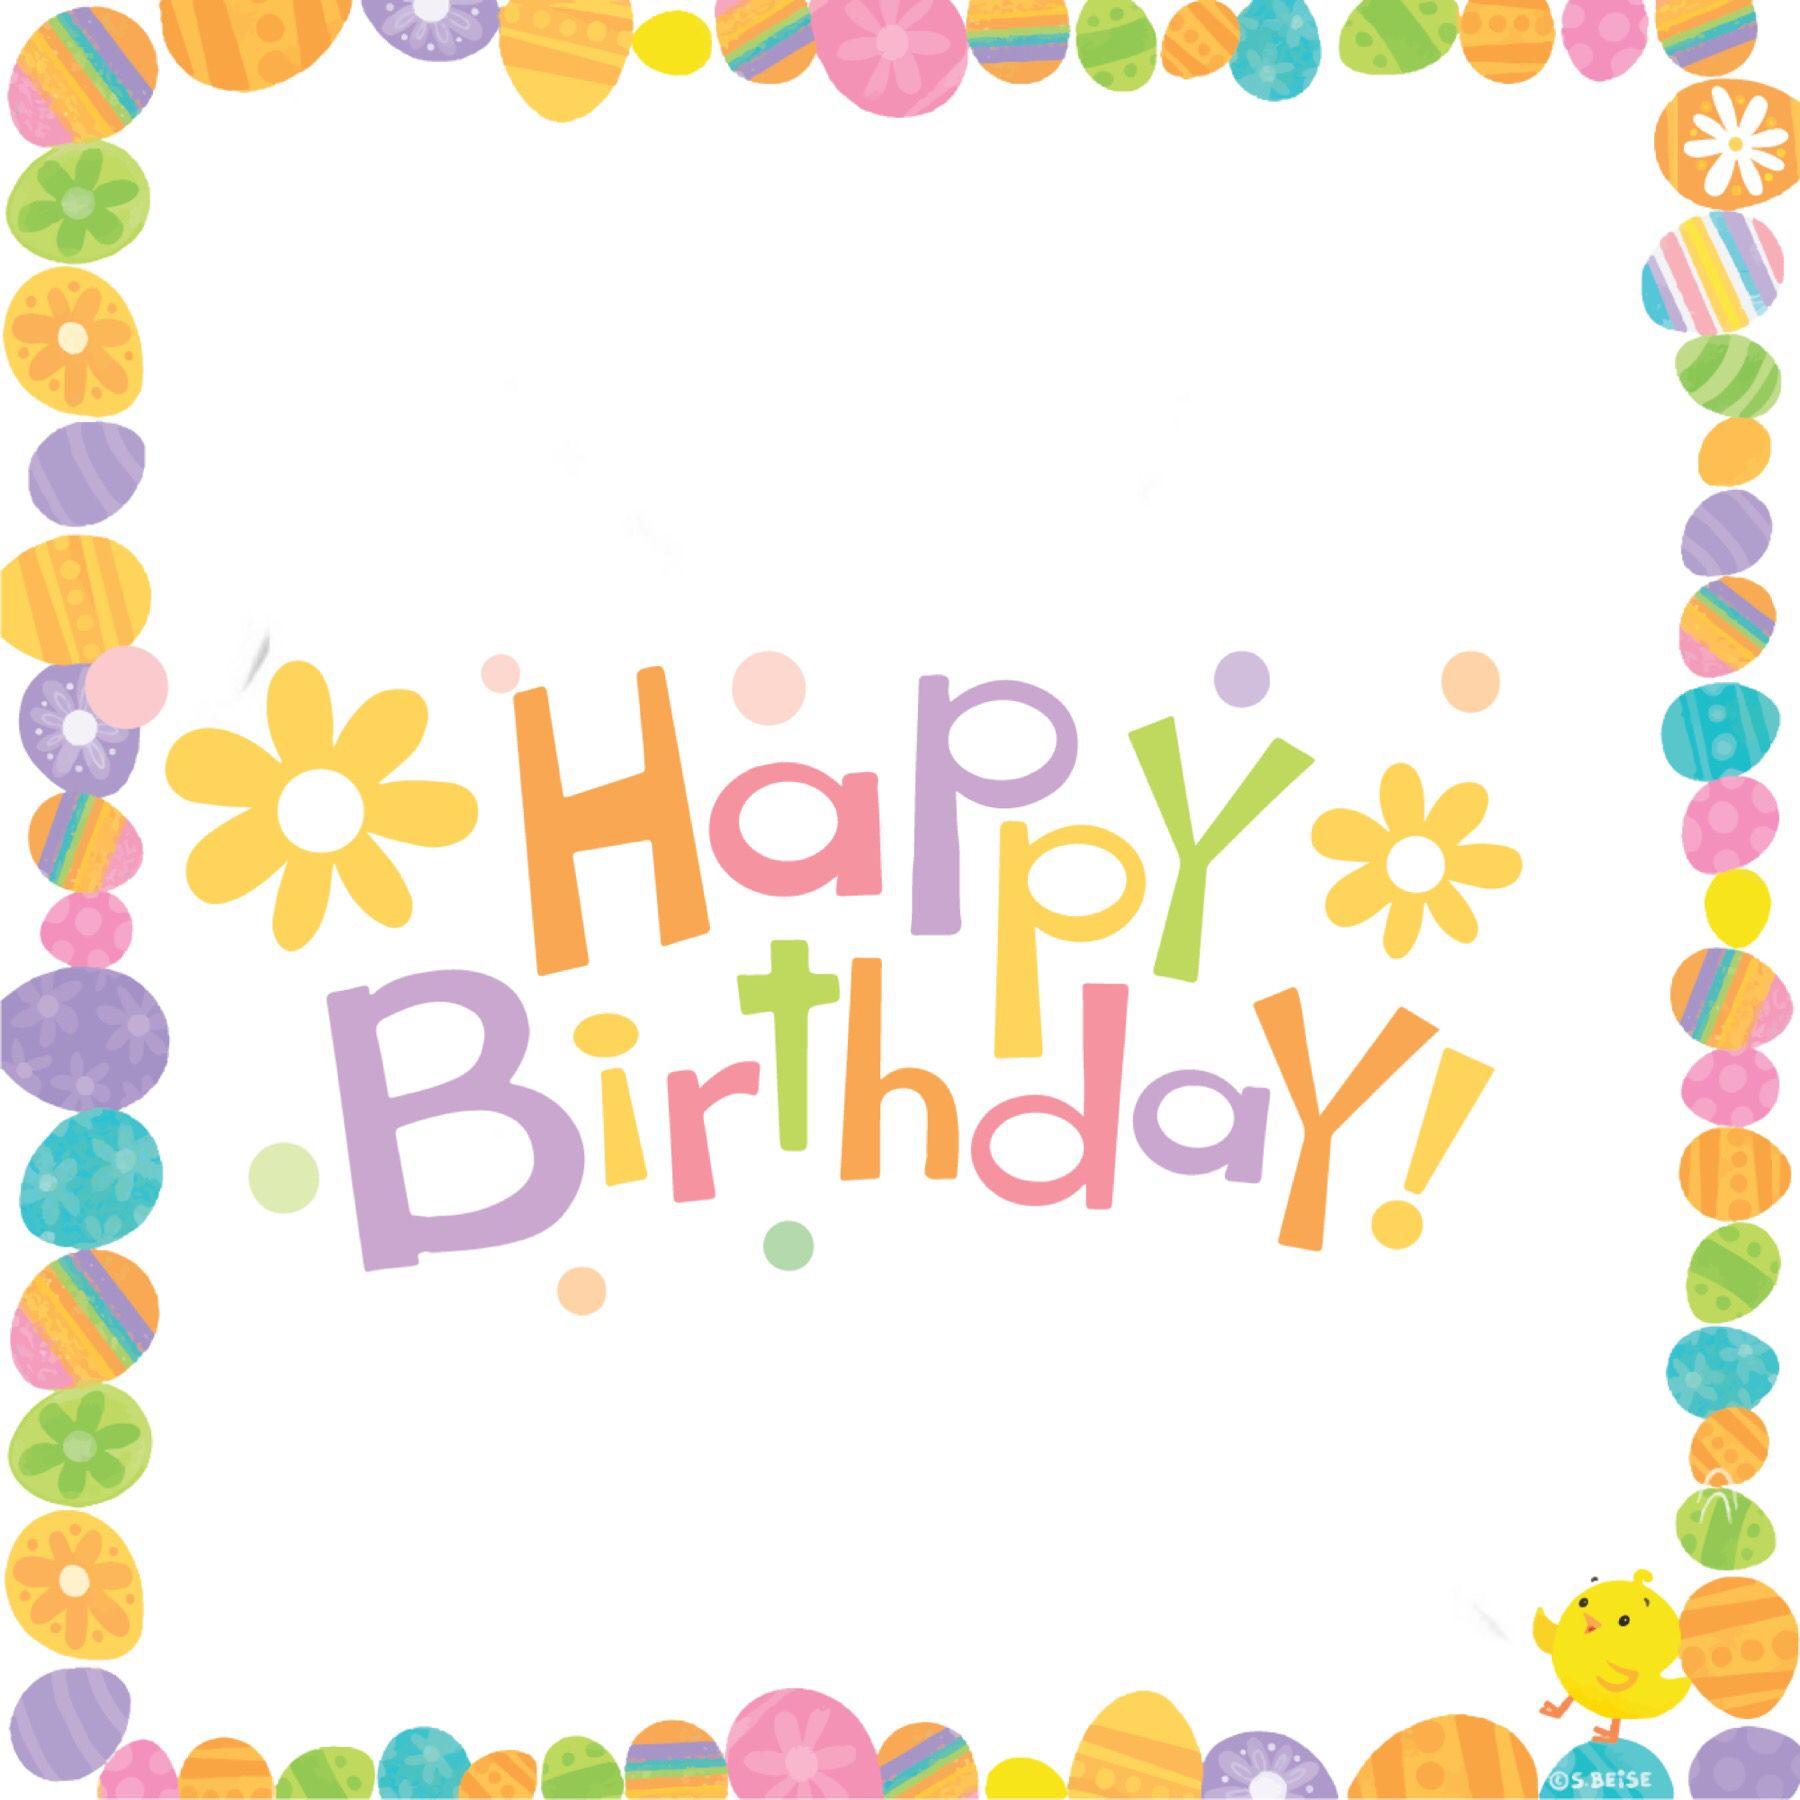 Iiiii feliz cumpleaos happy birthday happy birthday iiiii feliz cumpleaos happy birthday kristyandbryce Choice Image